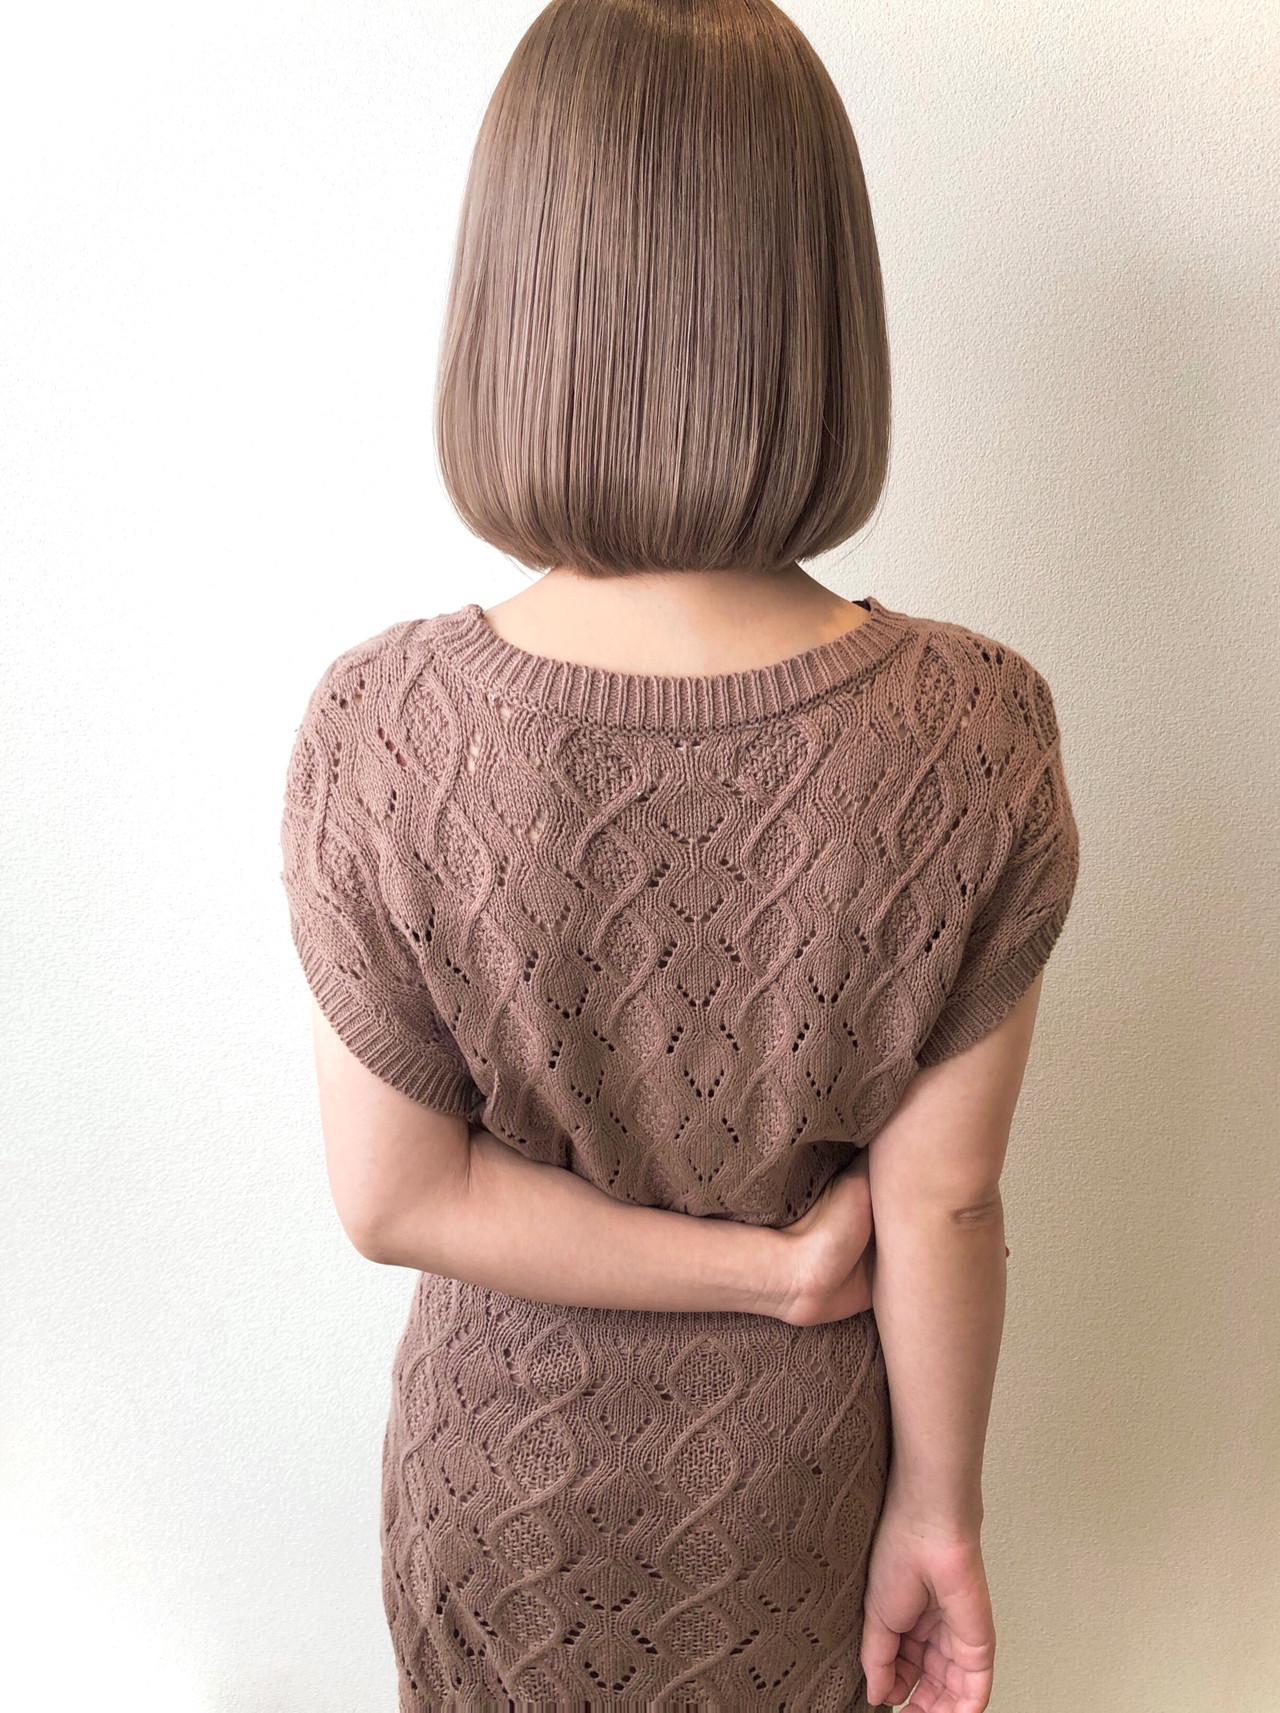 ナチュラル ボブ ミルクティーグレージュ ミルクティーベージュ ヘアスタイルや髪型の写真・画像